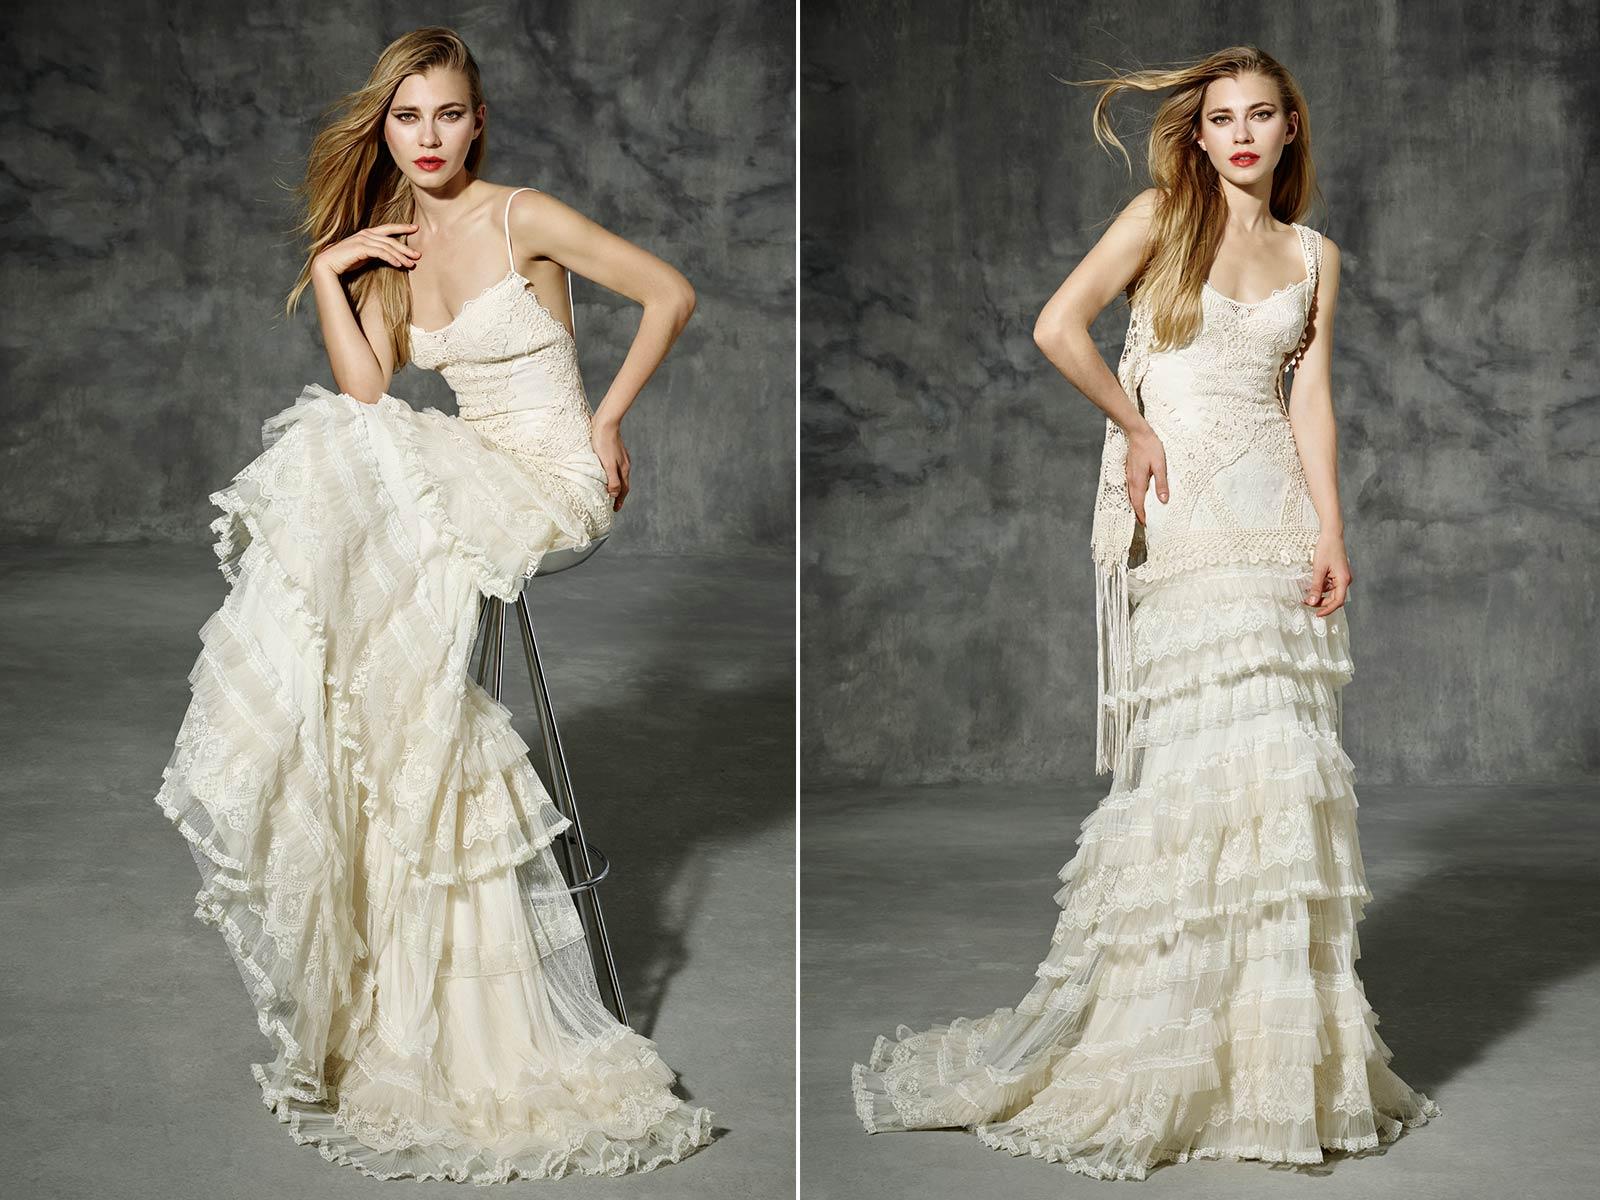 abito-da-sposa-shabby-chic tendenze nozze 2017 matrimonio trends vestito scarpe accessori sposa langhe e roero piemonte